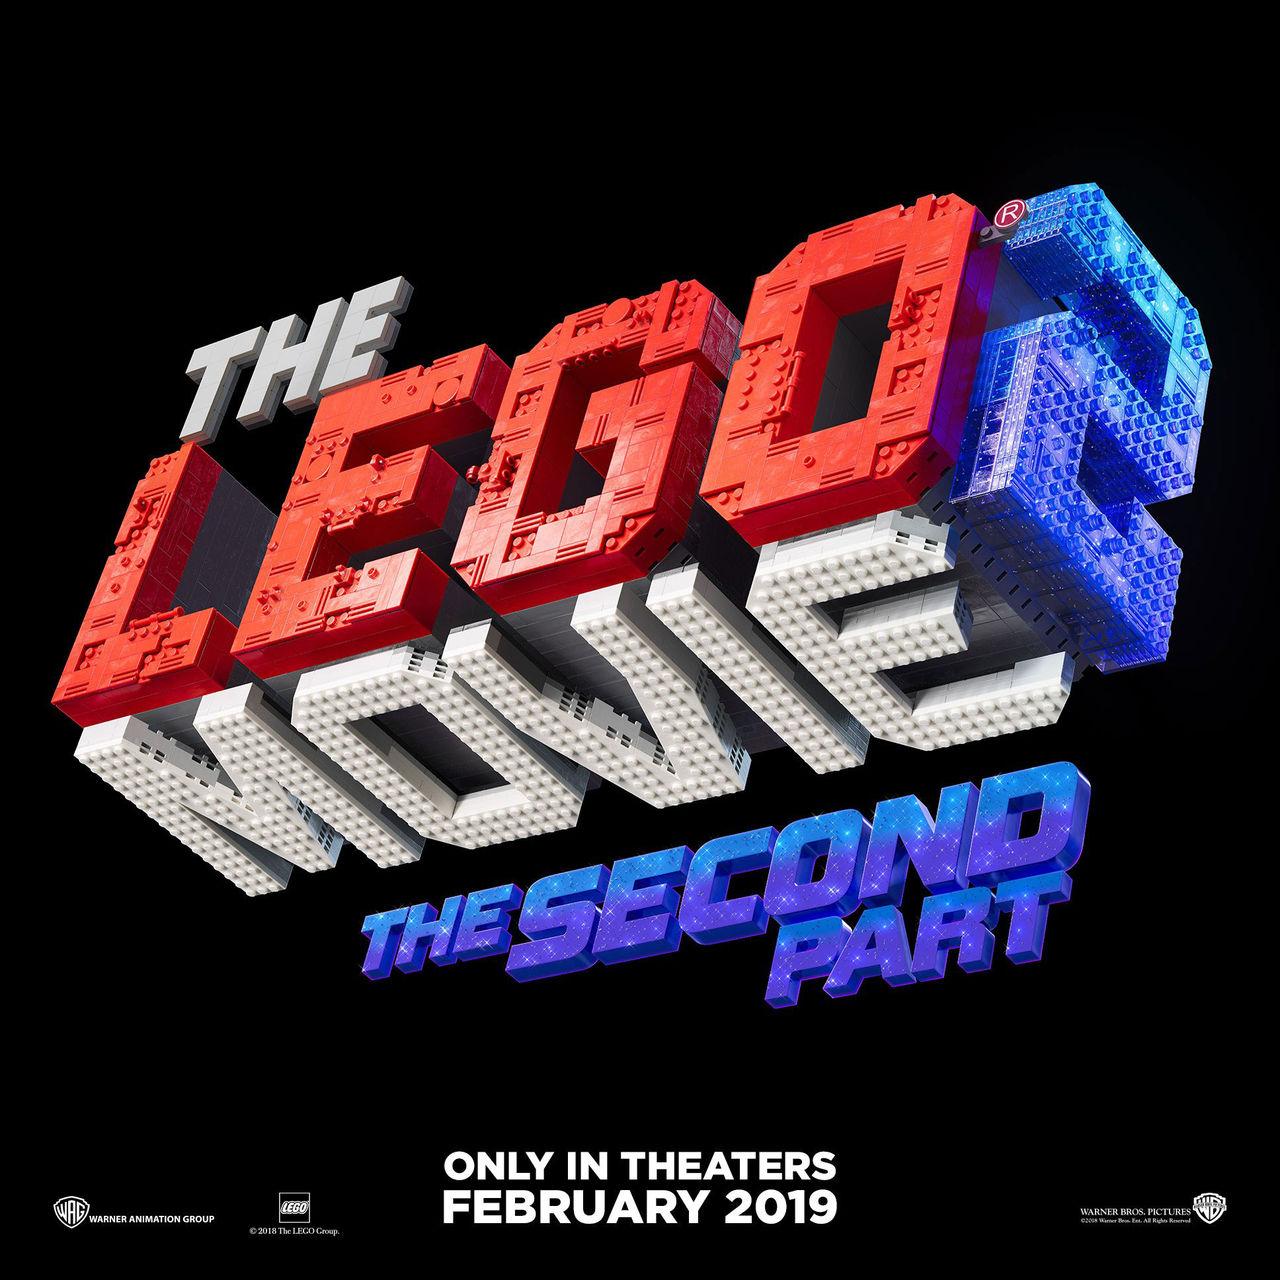 En ny Lego-rulle kommer nästa år